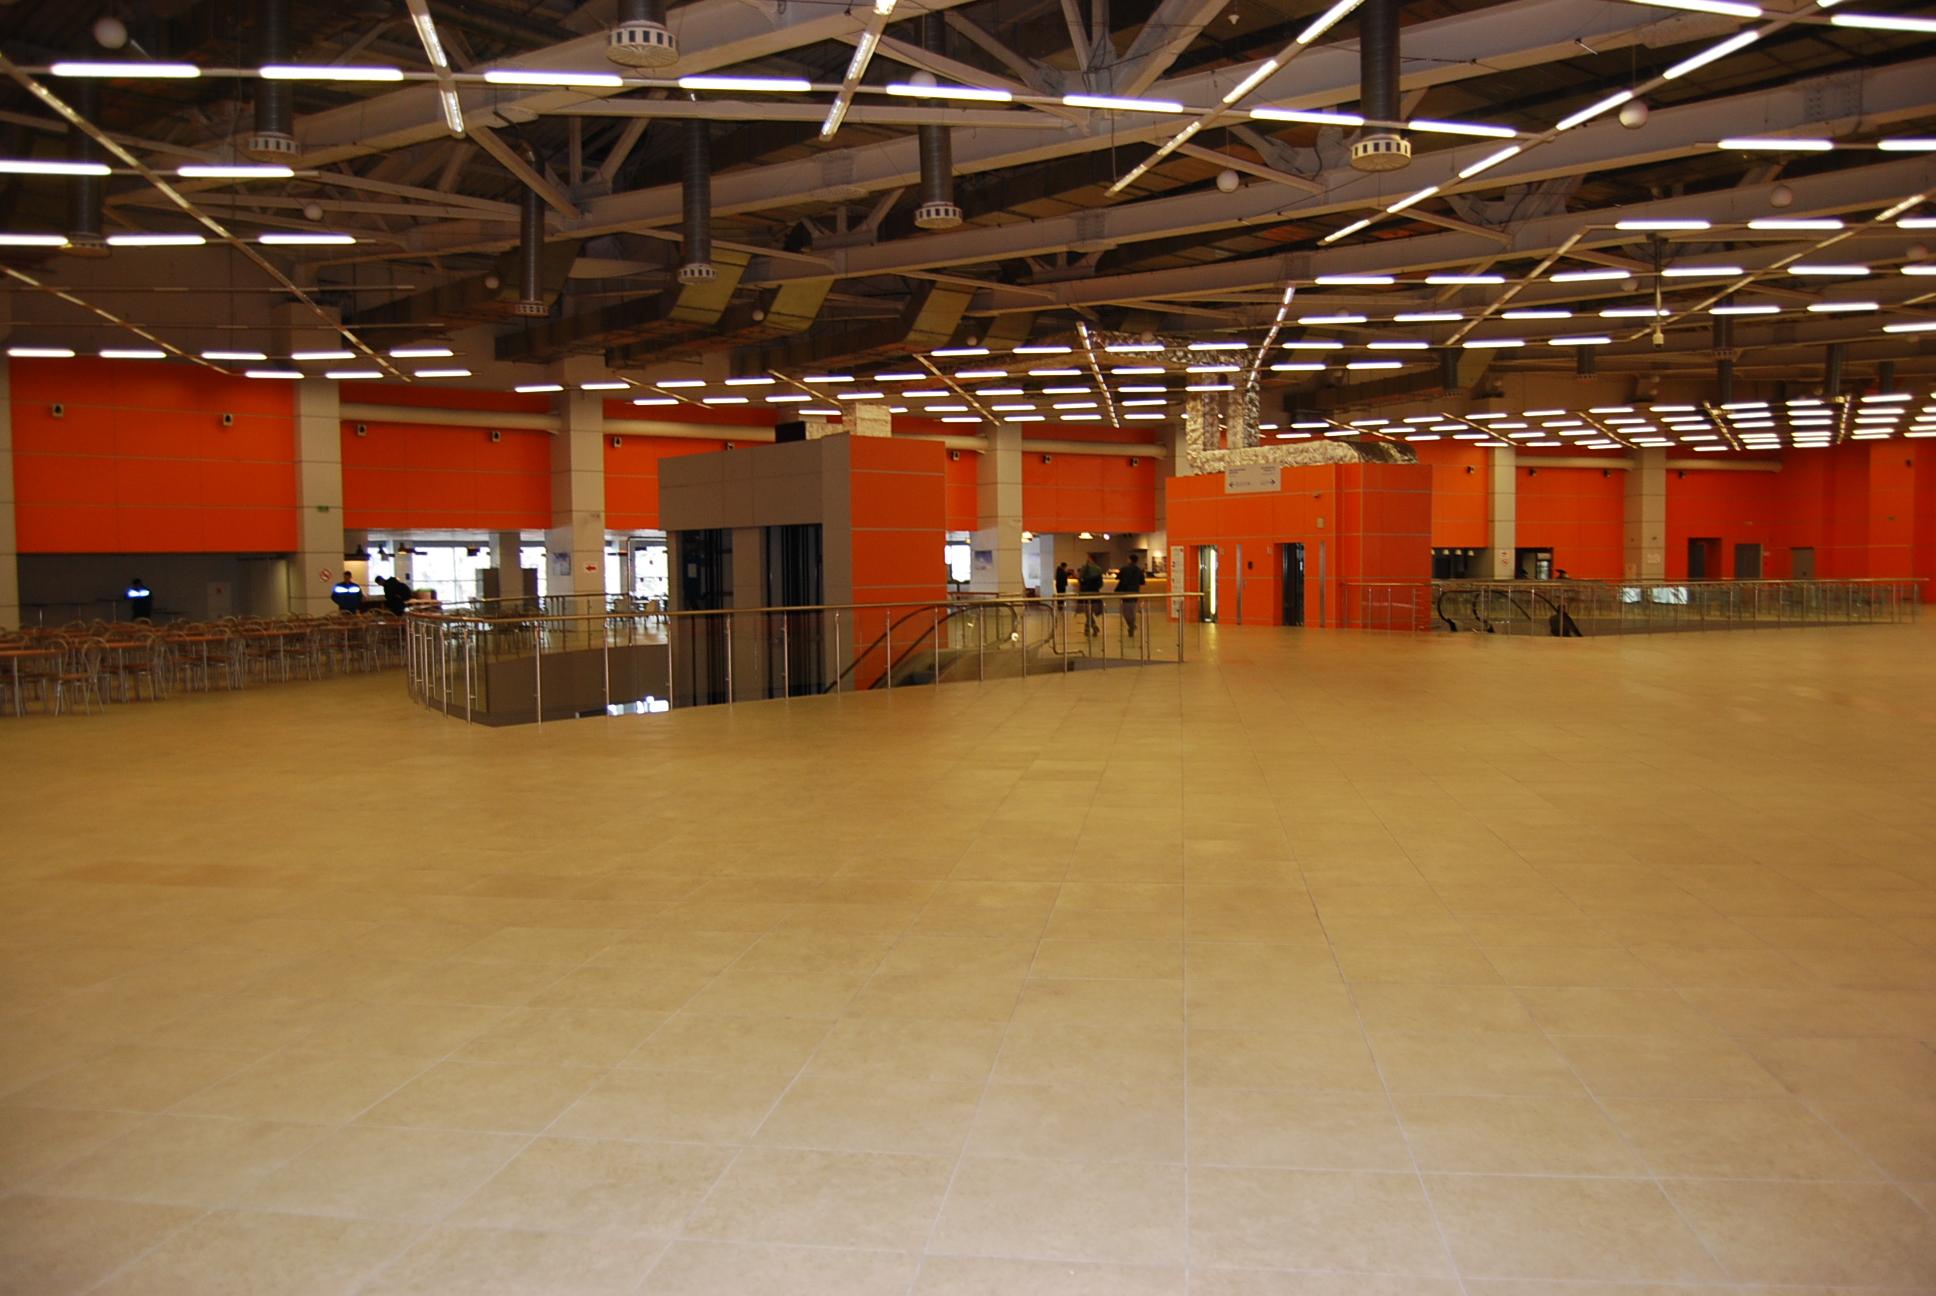 VendExpo 2018. Второй этаж павильона с кафе от 02.04.2018 11:35:00